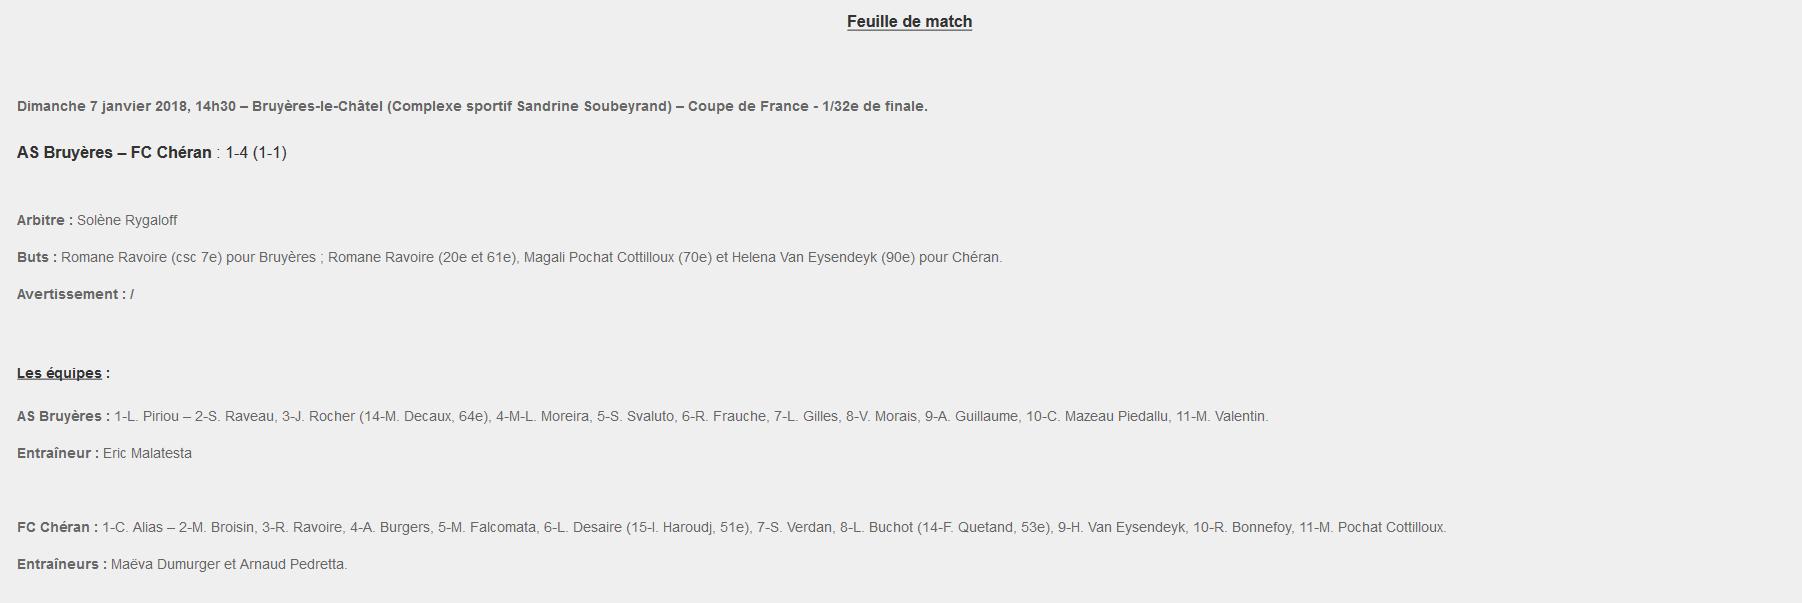 Screenshot-2018-1-8 Coupe de France (1 32e), AS Bruyères - FC Chéran (1-4) Qualification historique mais logique pour les H[...](1).png